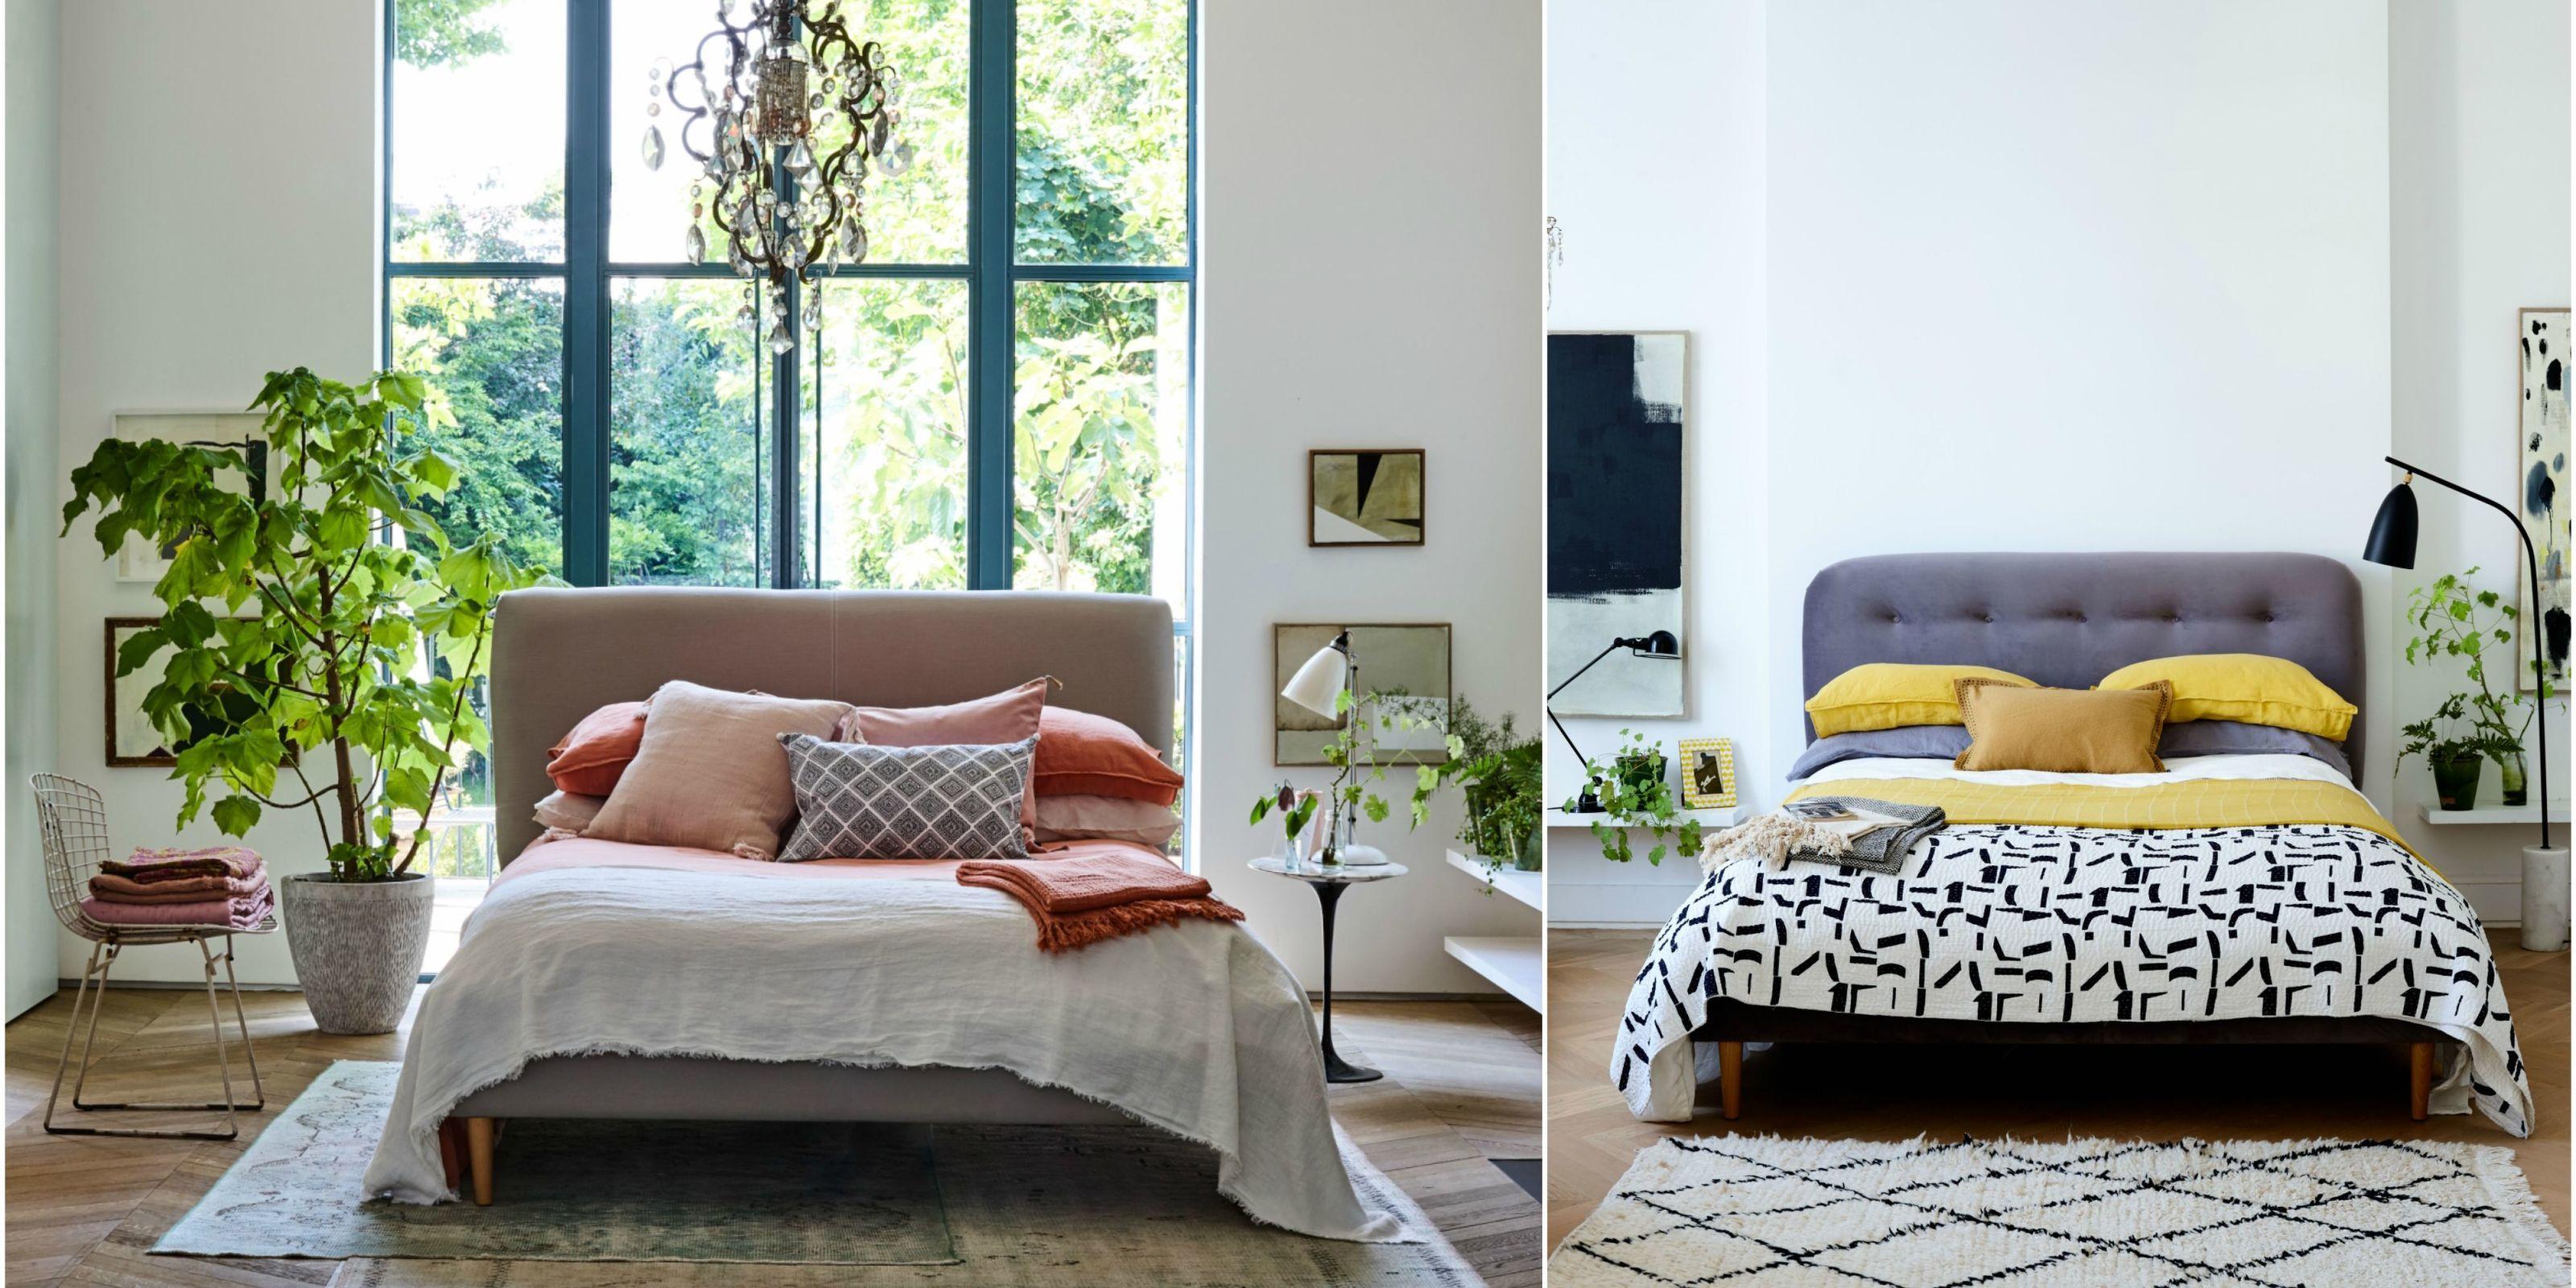 Lovely House Beautiful   DFS Beds. Styling By Kiera Buckley Jones